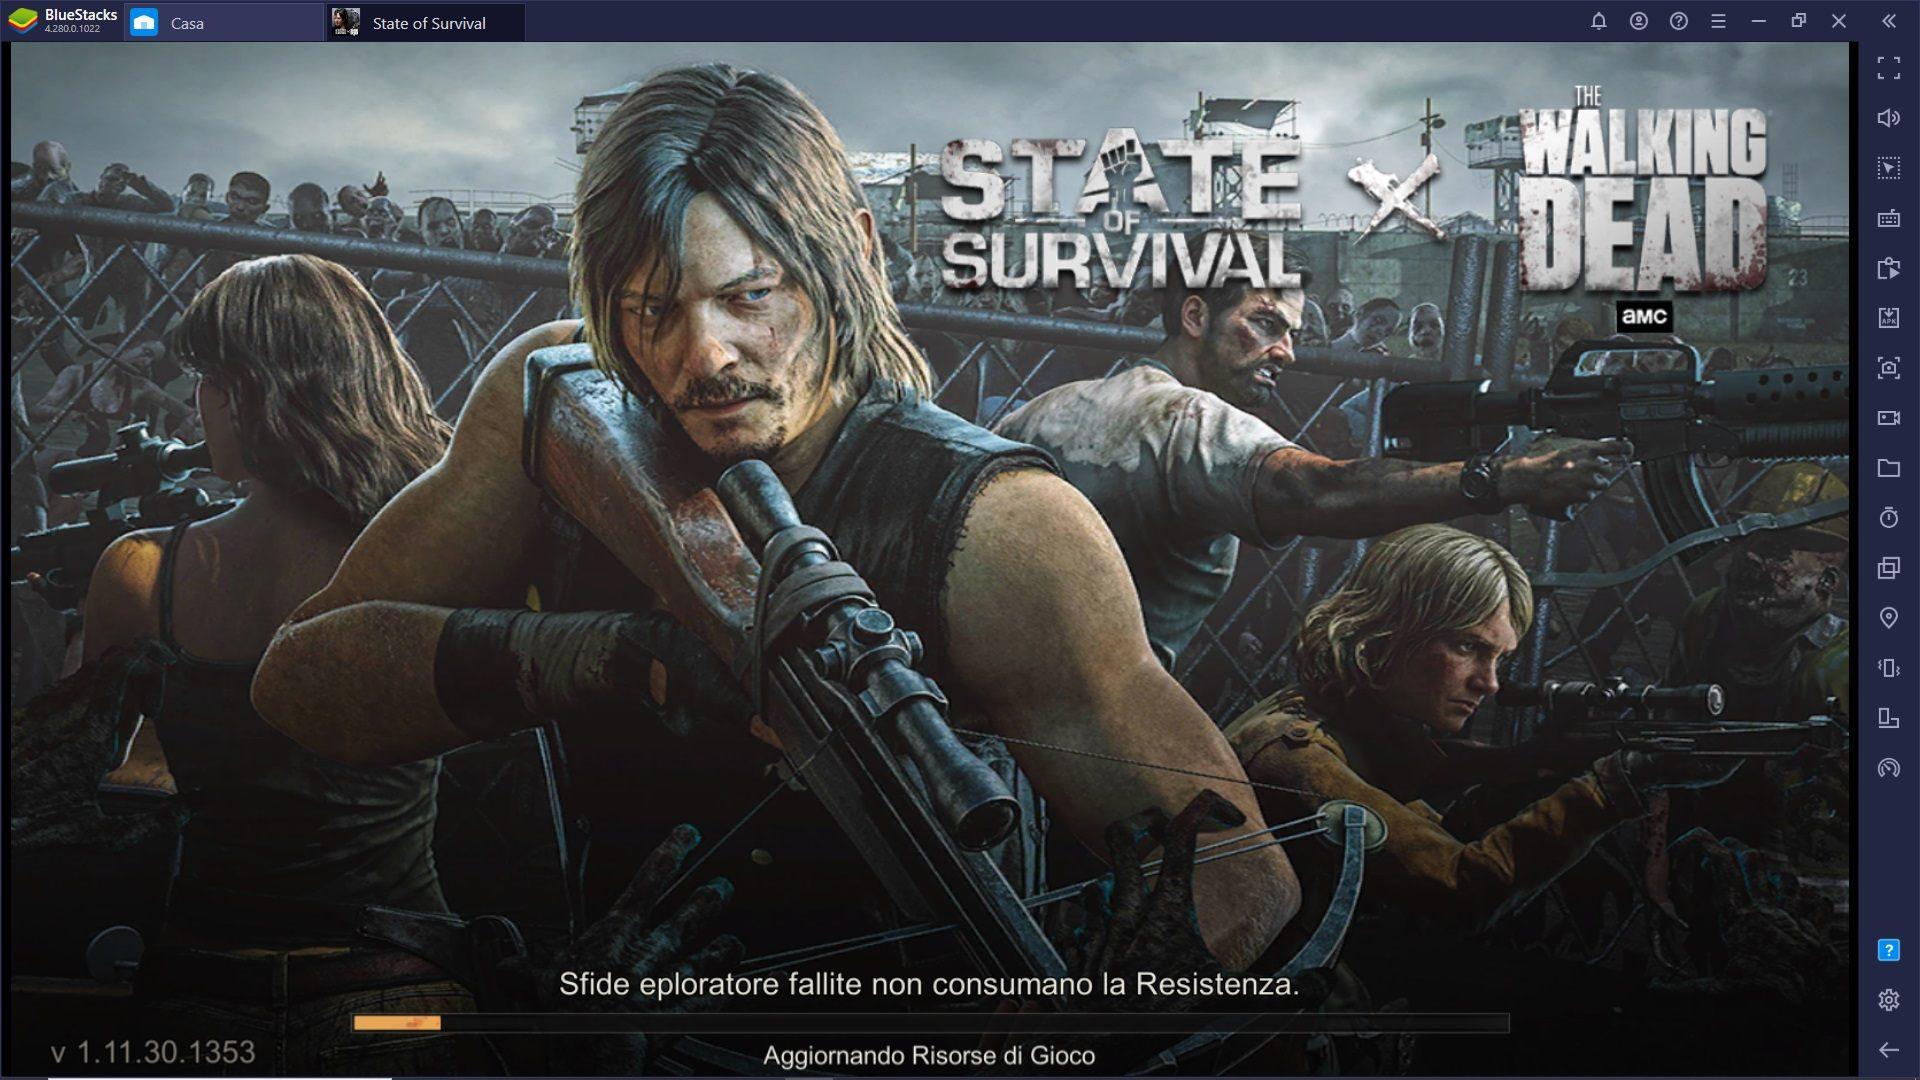 La Collab tra State of Survival e The Walking Dead: Diamo il Benvenuto a Daryl Dixon